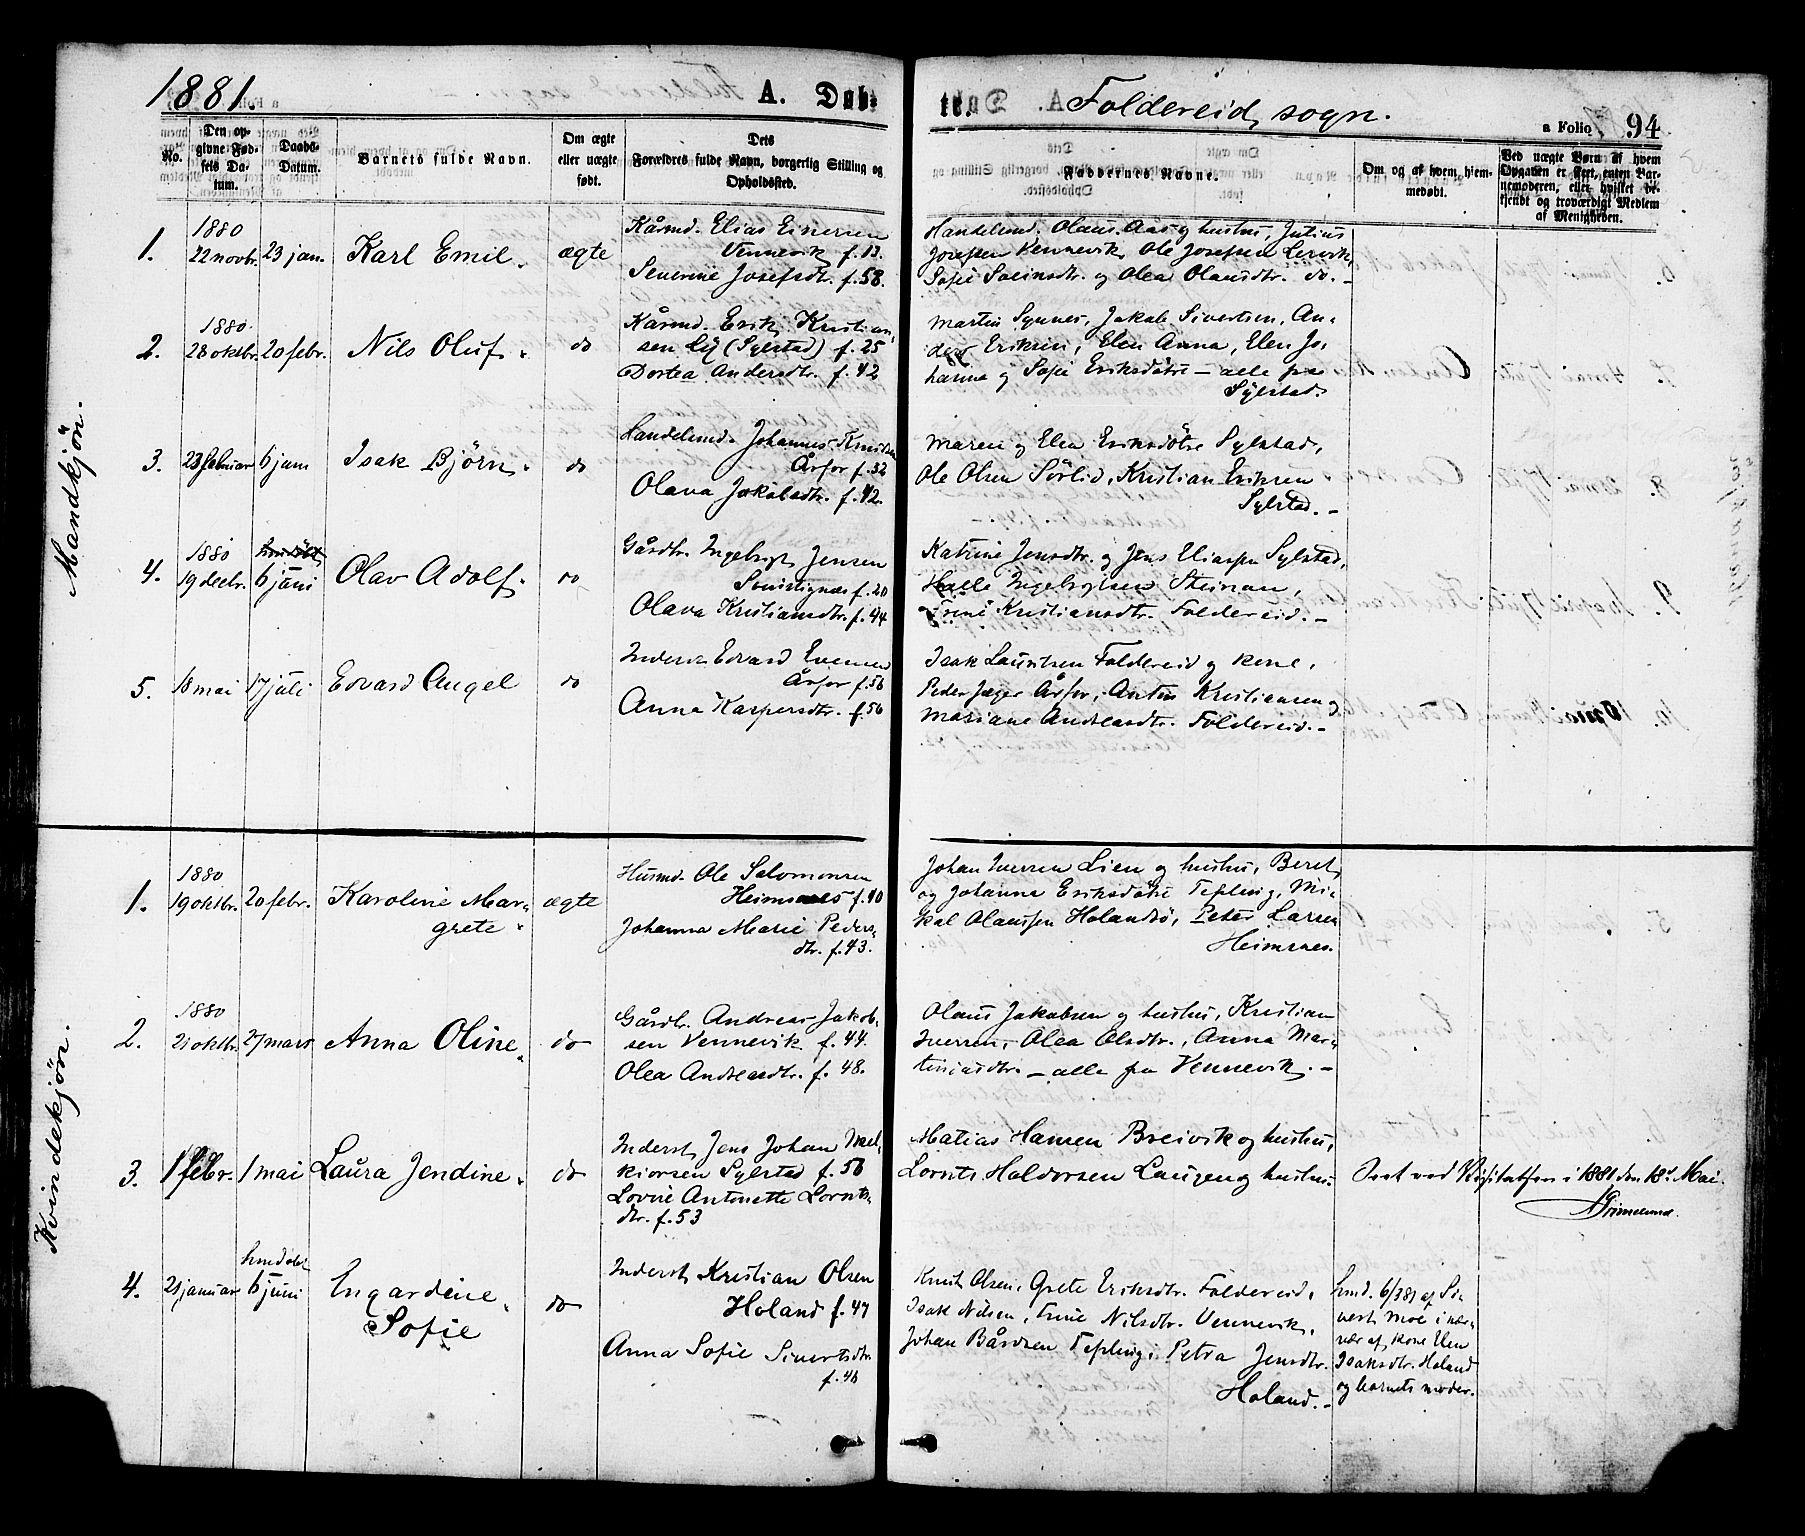 SAT, Ministerialprotokoller, klokkerbøker og fødselsregistre - Nord-Trøndelag, 780/L0642: Ministerialbok nr. 780A07 /2, 1878-1885, s. 94